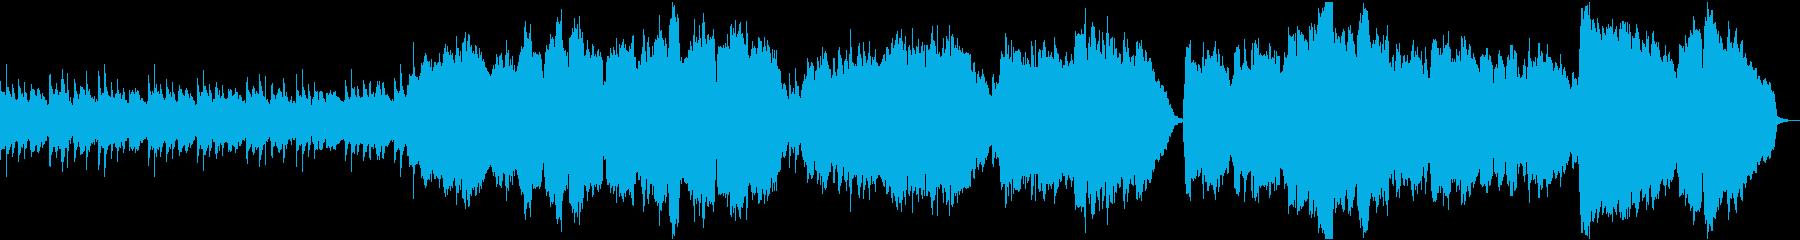 心に染み渡るチェロの楽曲の再生済みの波形